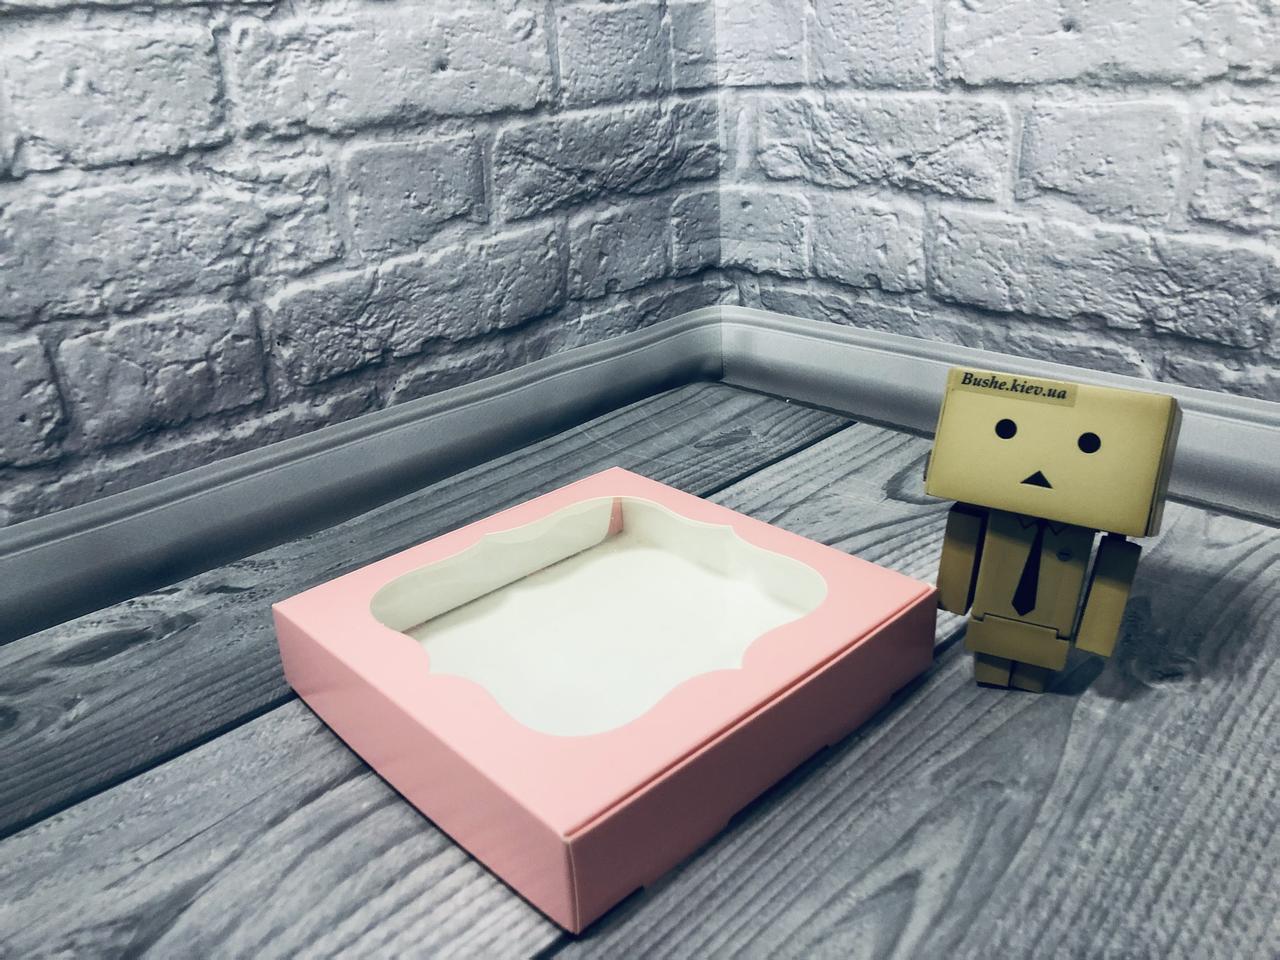 *10 шт* / Коробка для пряников / 150х150х30 мм / печать-Пудр / окно-обычн / лк